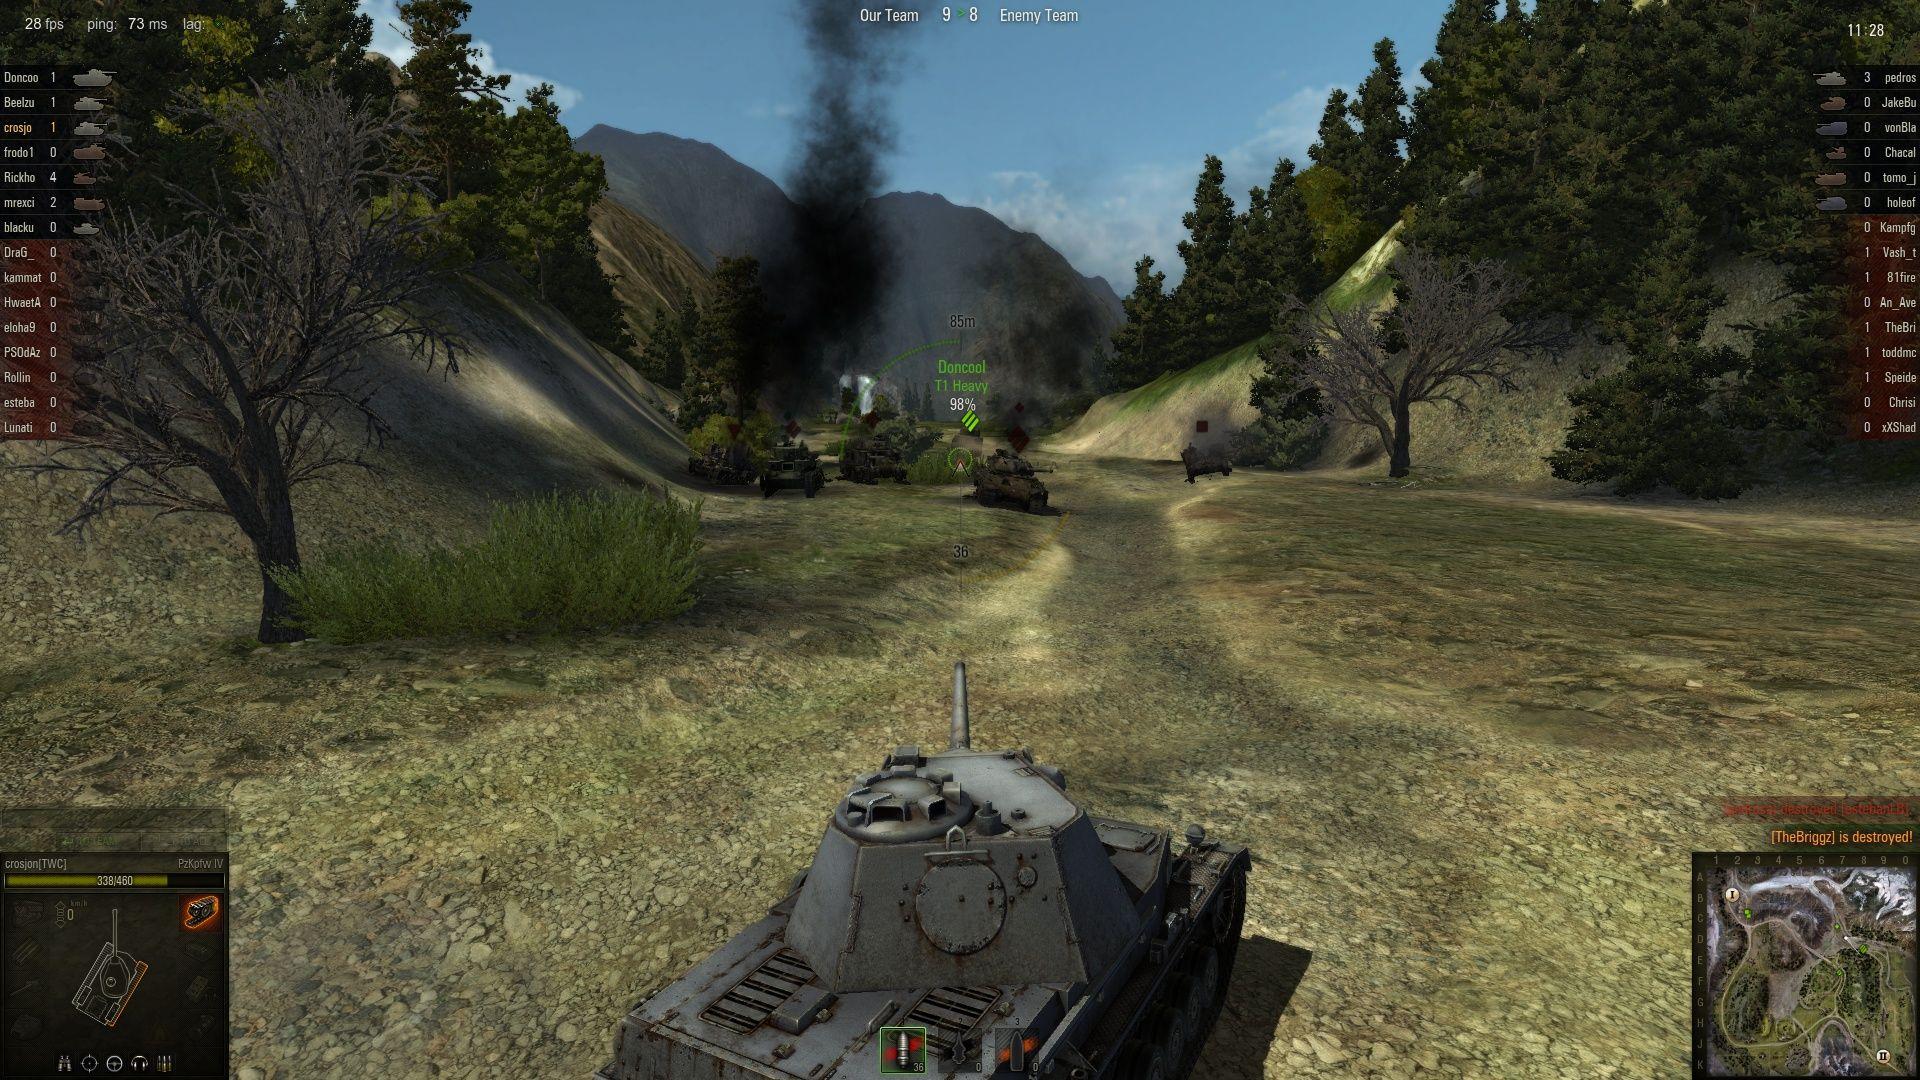 World of Tanks gameplay screenshot. worldoftanks